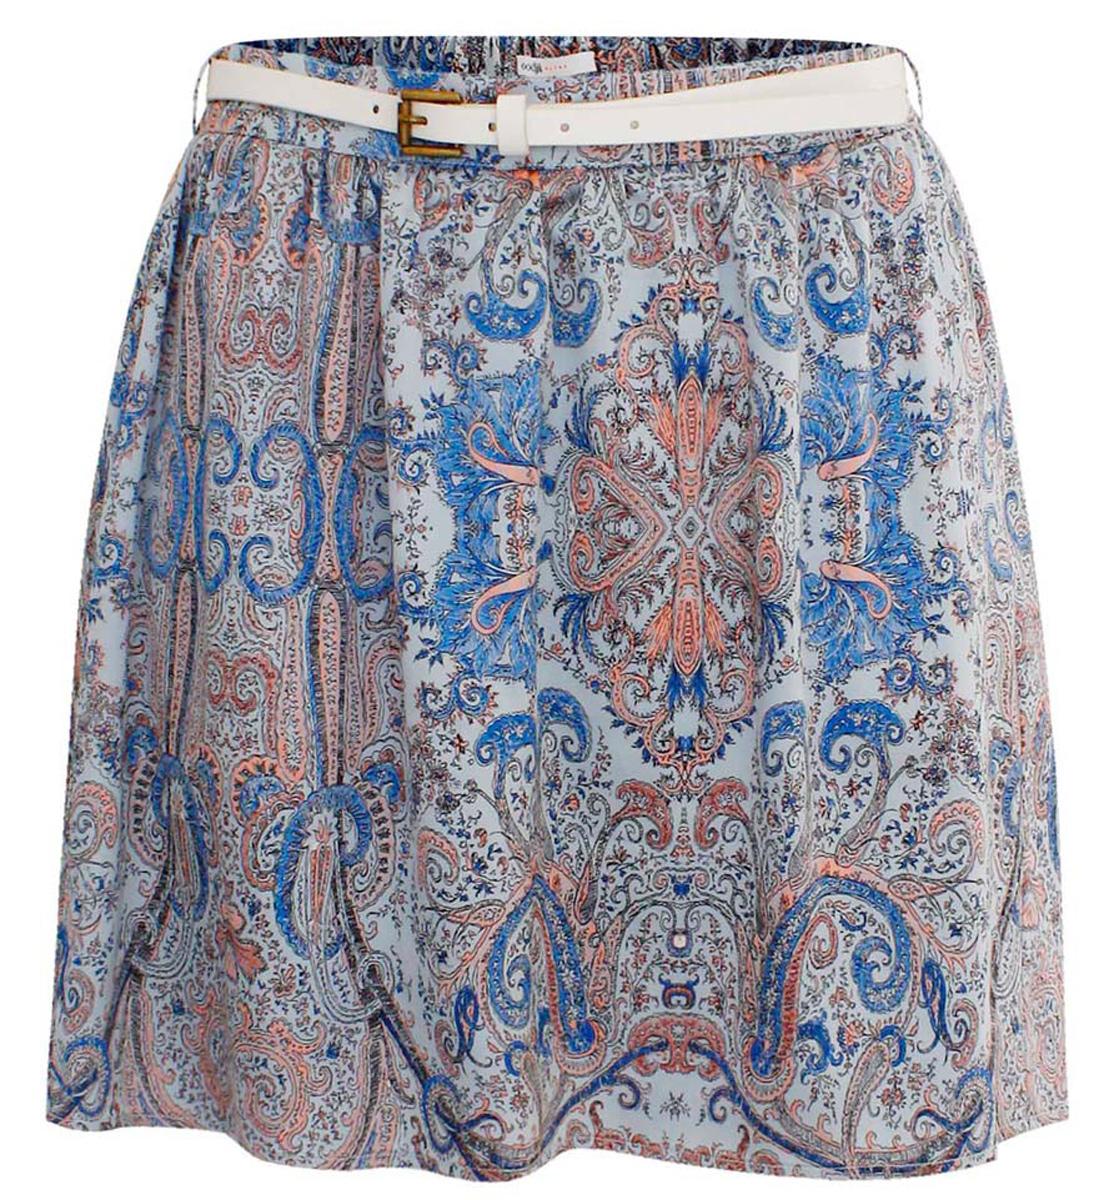 Юбка11606038/35204/704BEЮбка oodji Ultra изготовлена из полиэстера с добавлением эластана. Короткая широкая юбка на талии сзади собрана на внутреннюю резинку. На поясе имеются две шлевки под ремень или пояс.